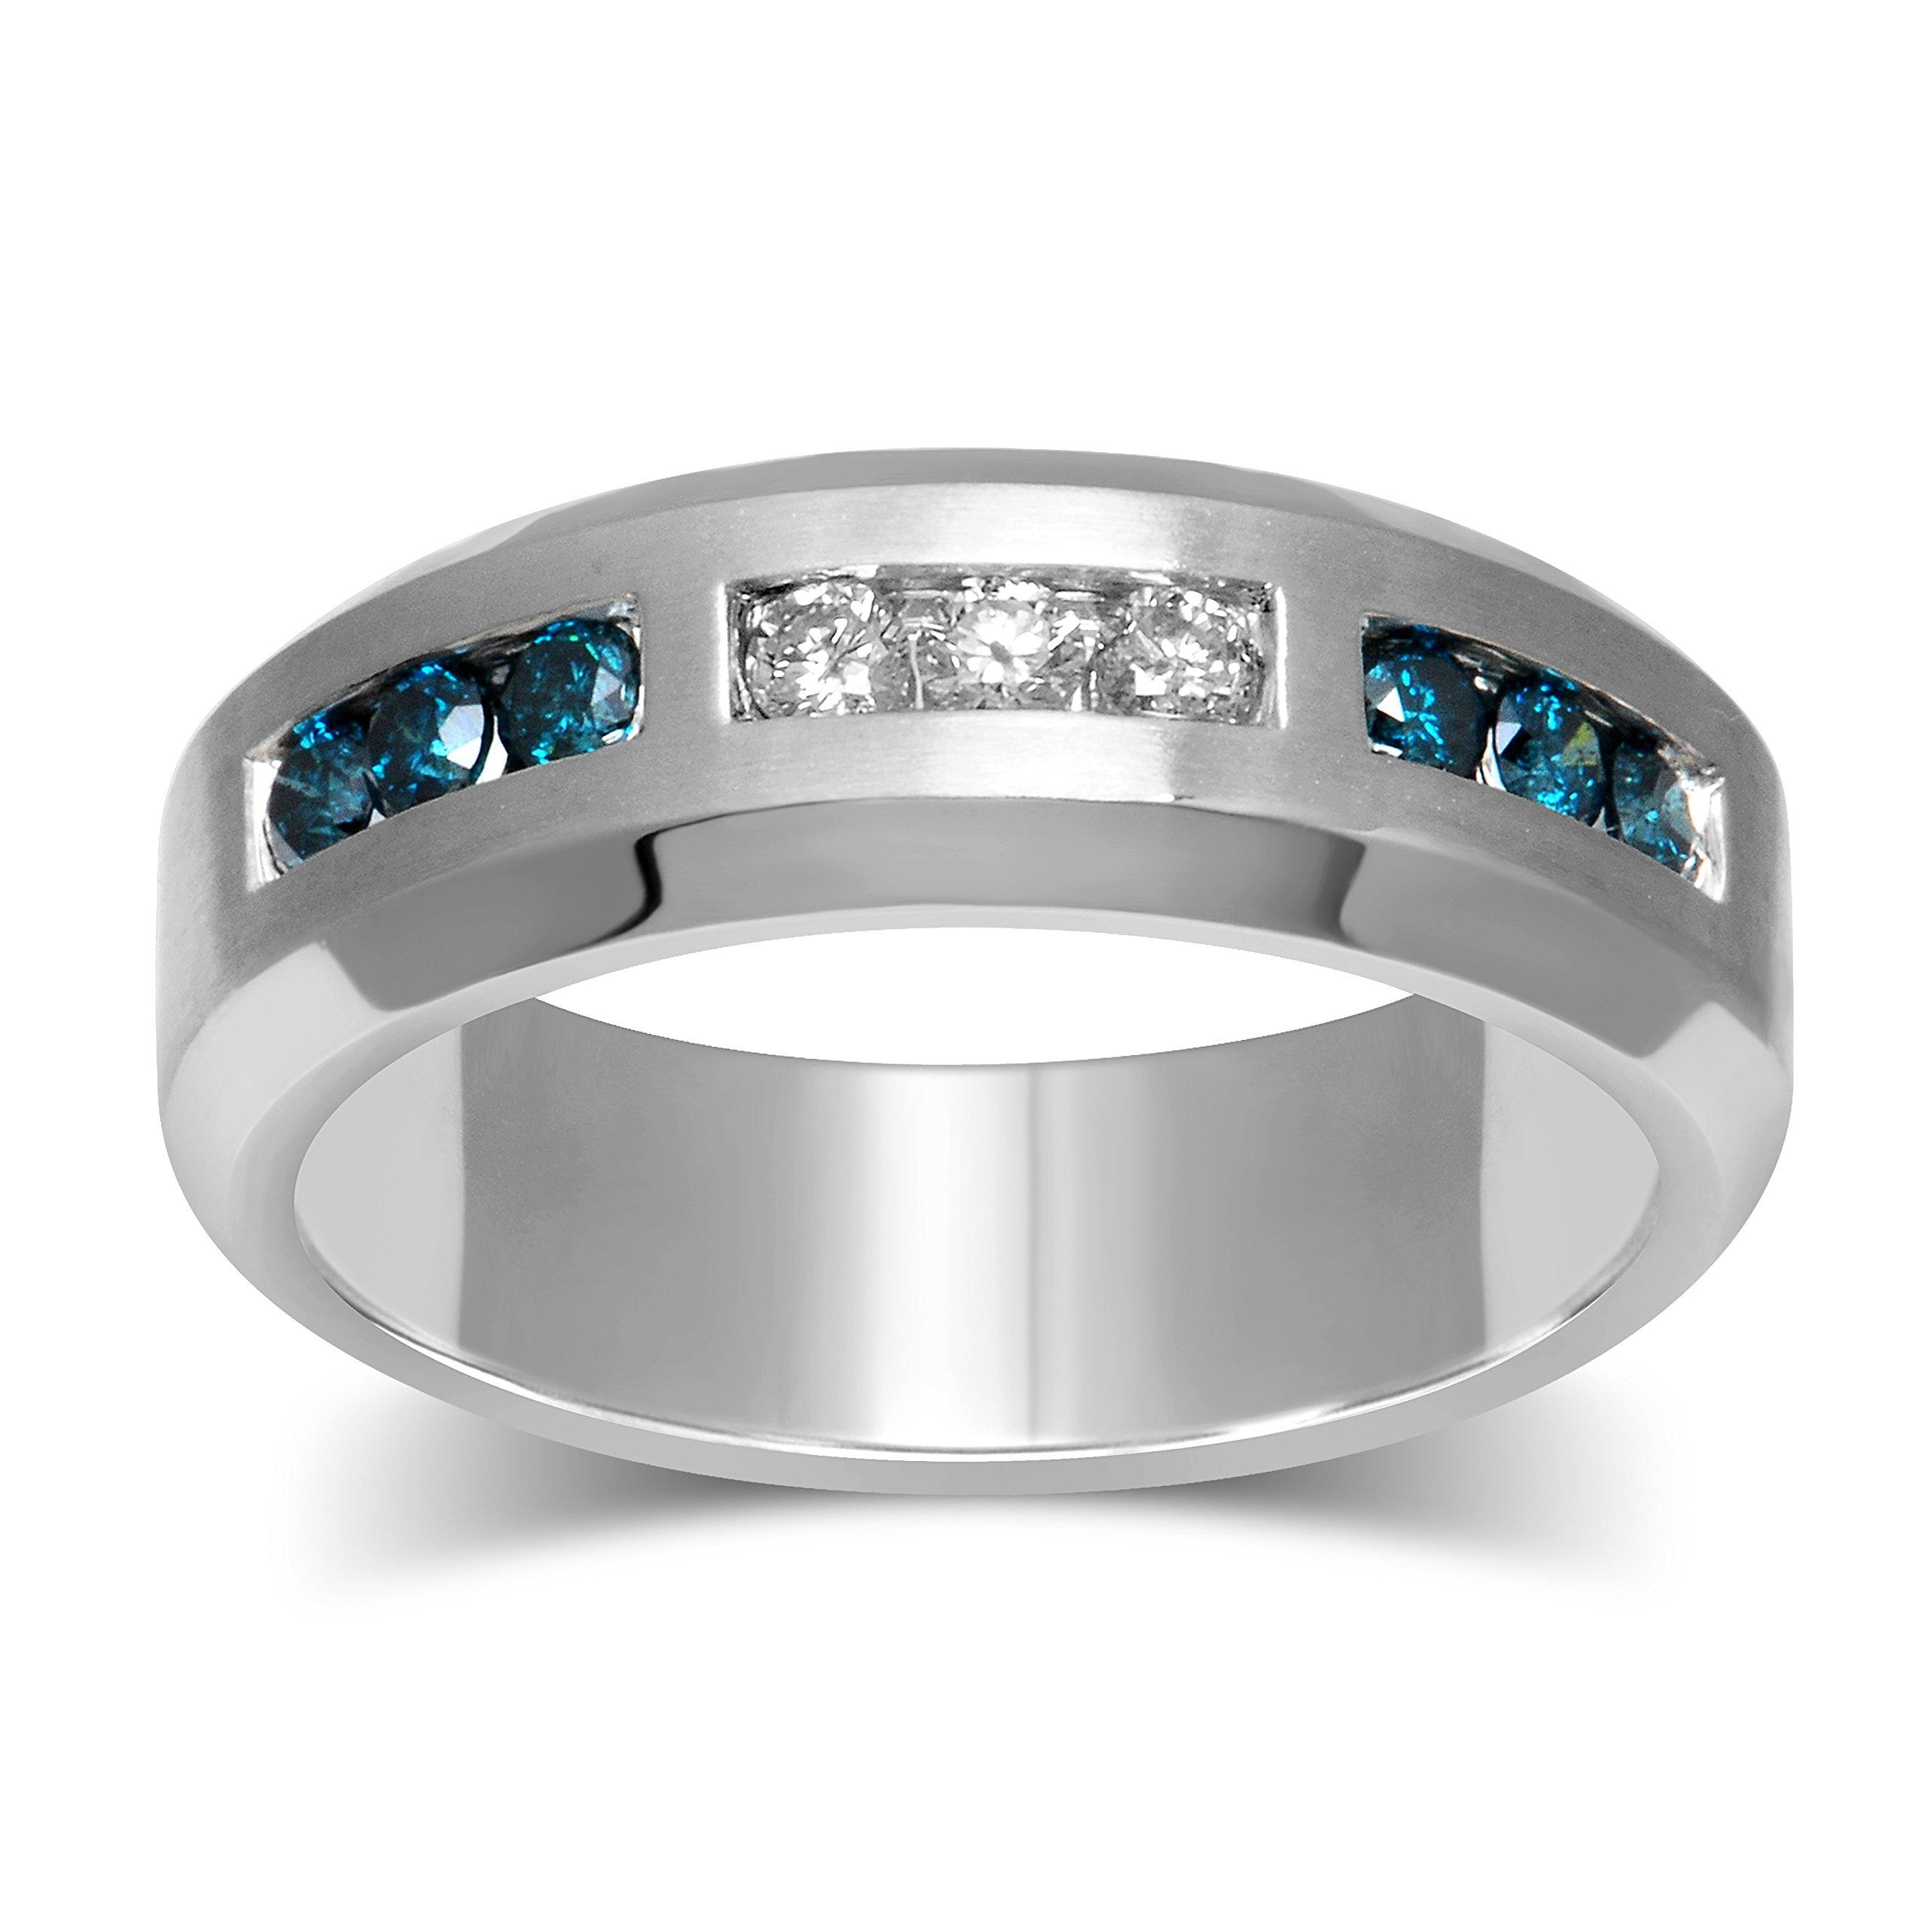 Diamond Jewel Sterling Silver 1/2 ct White and Blue Diamond Mens Ring by Diamond Jewel